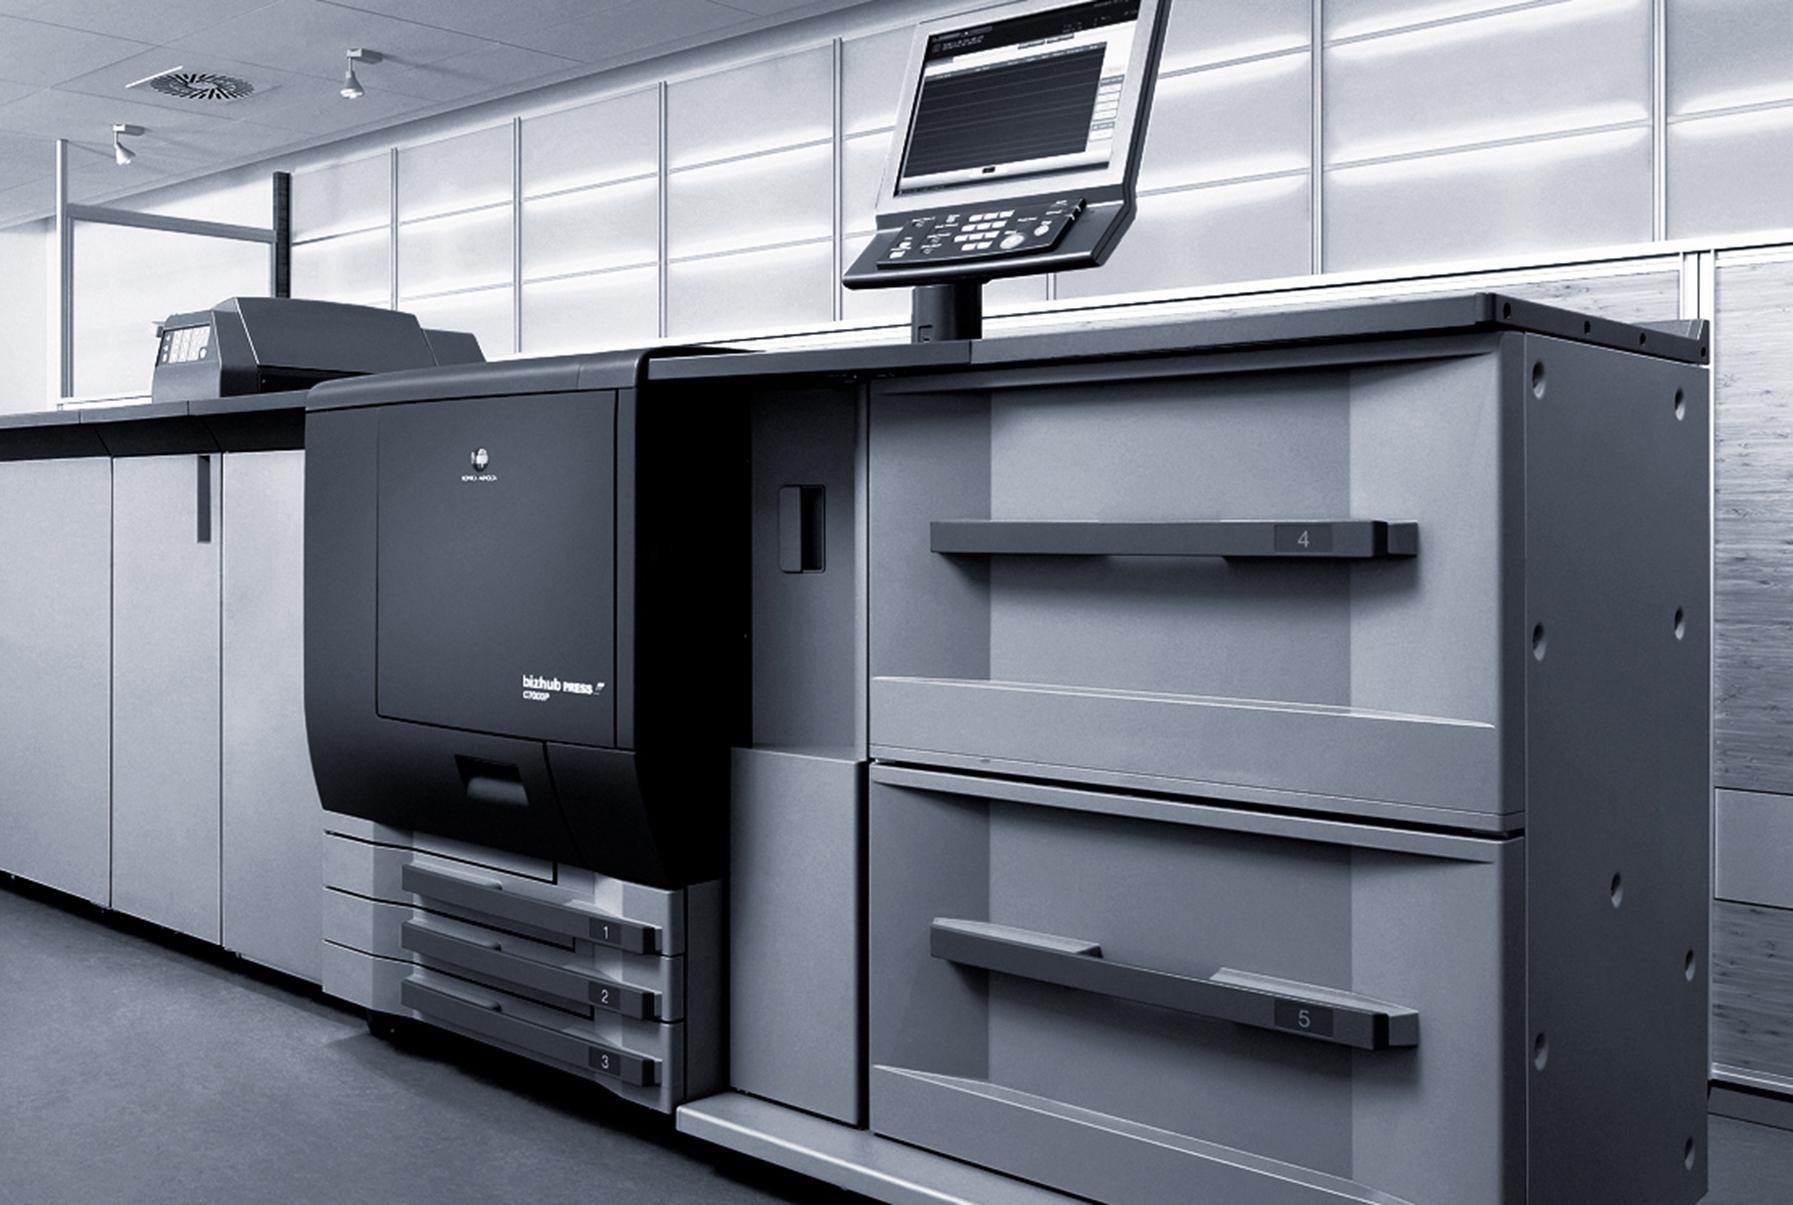 Imprimerie numérique Paris 9-10